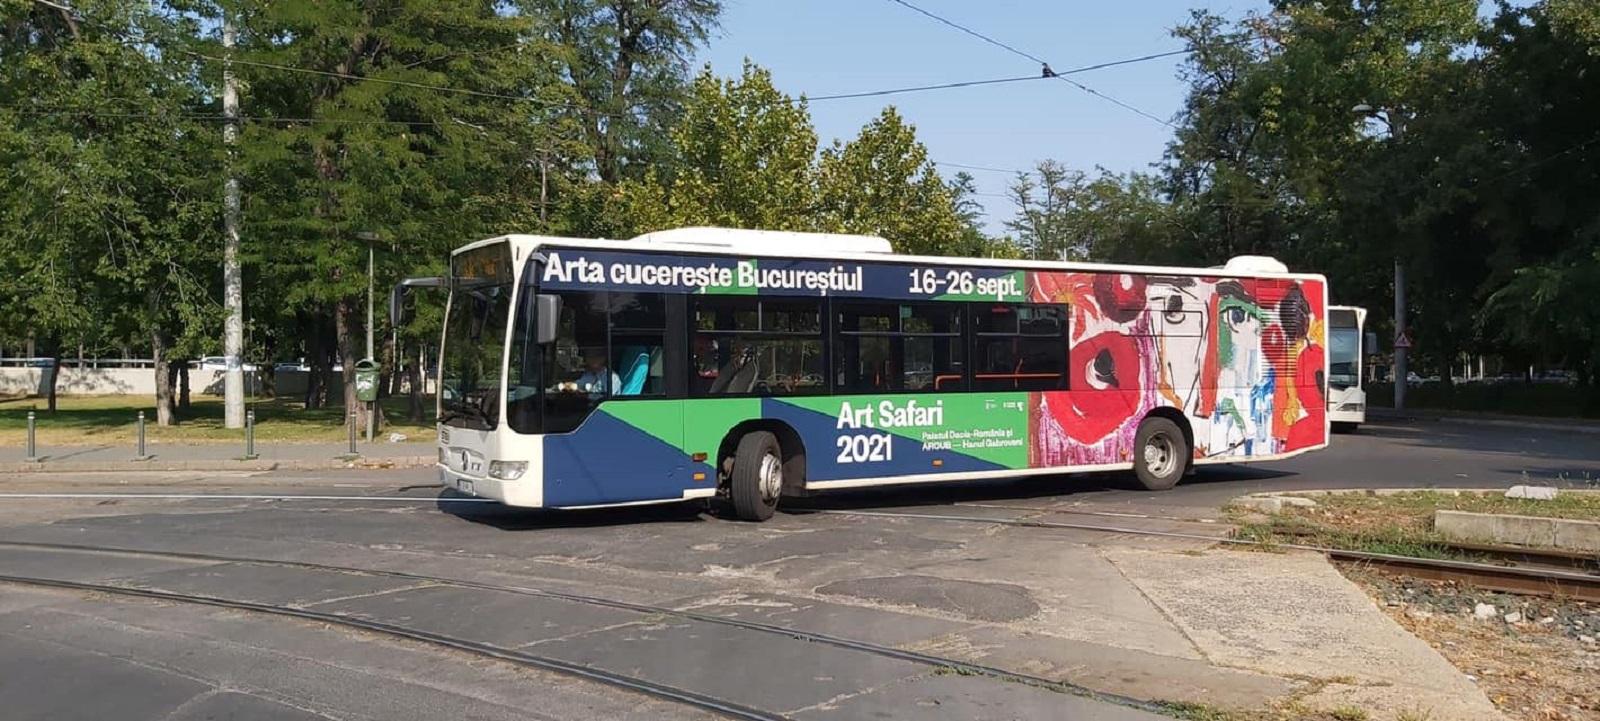 Muzeul în Mișcare prezent pe 10 linii de autobuze STB. Art Safari se plimbă prin Capitală